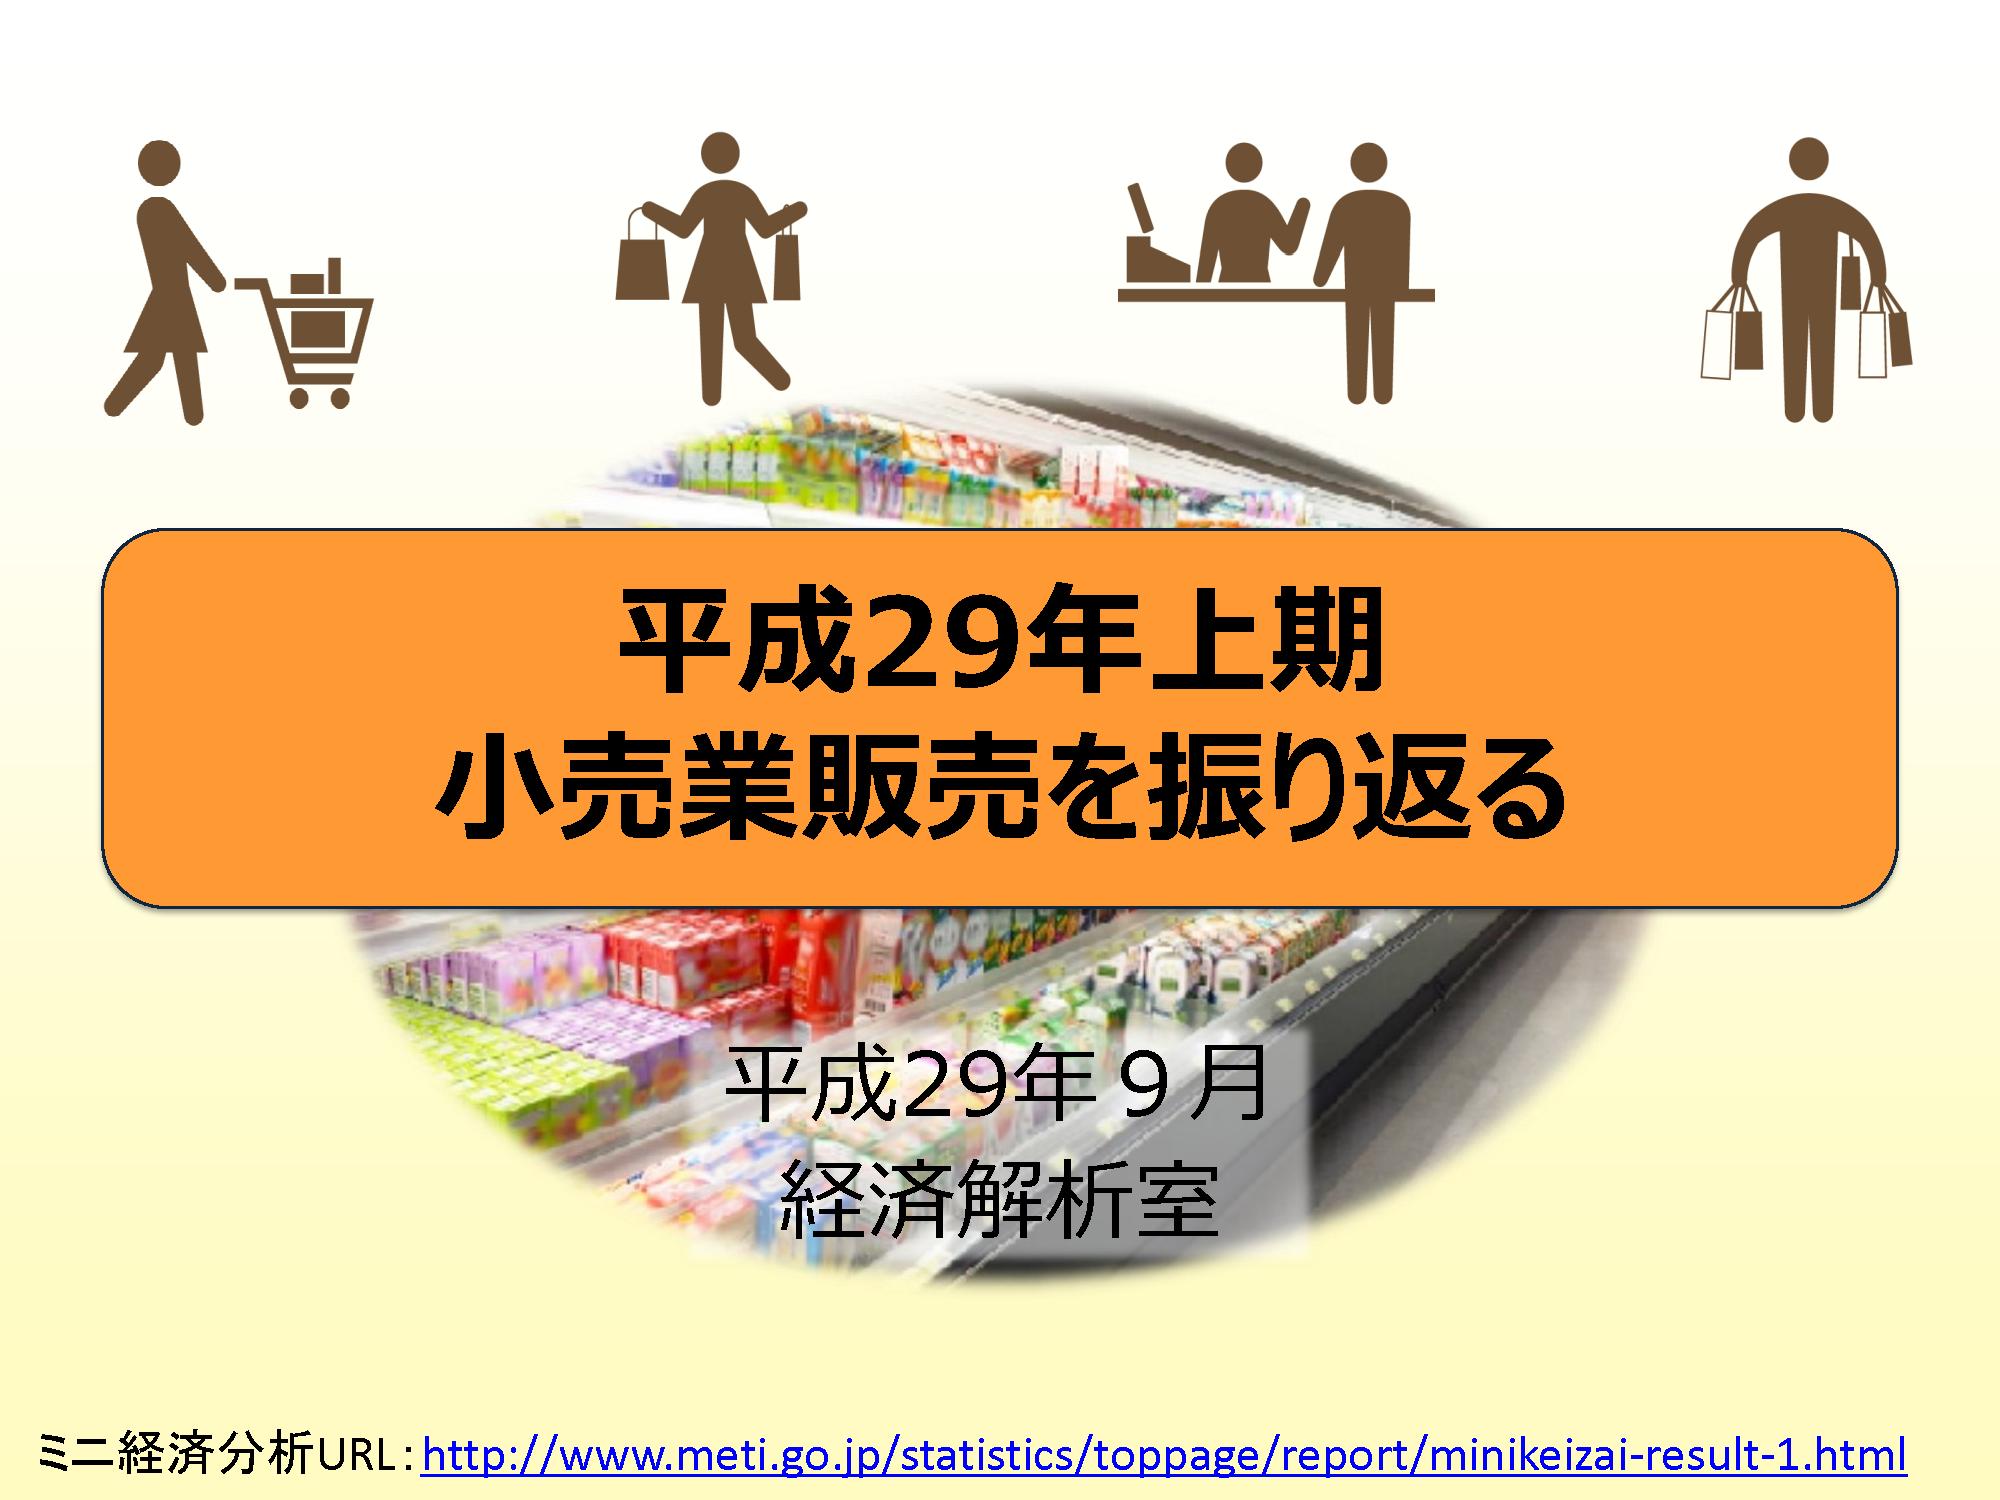 平成29年上期小売業販売を振り返...